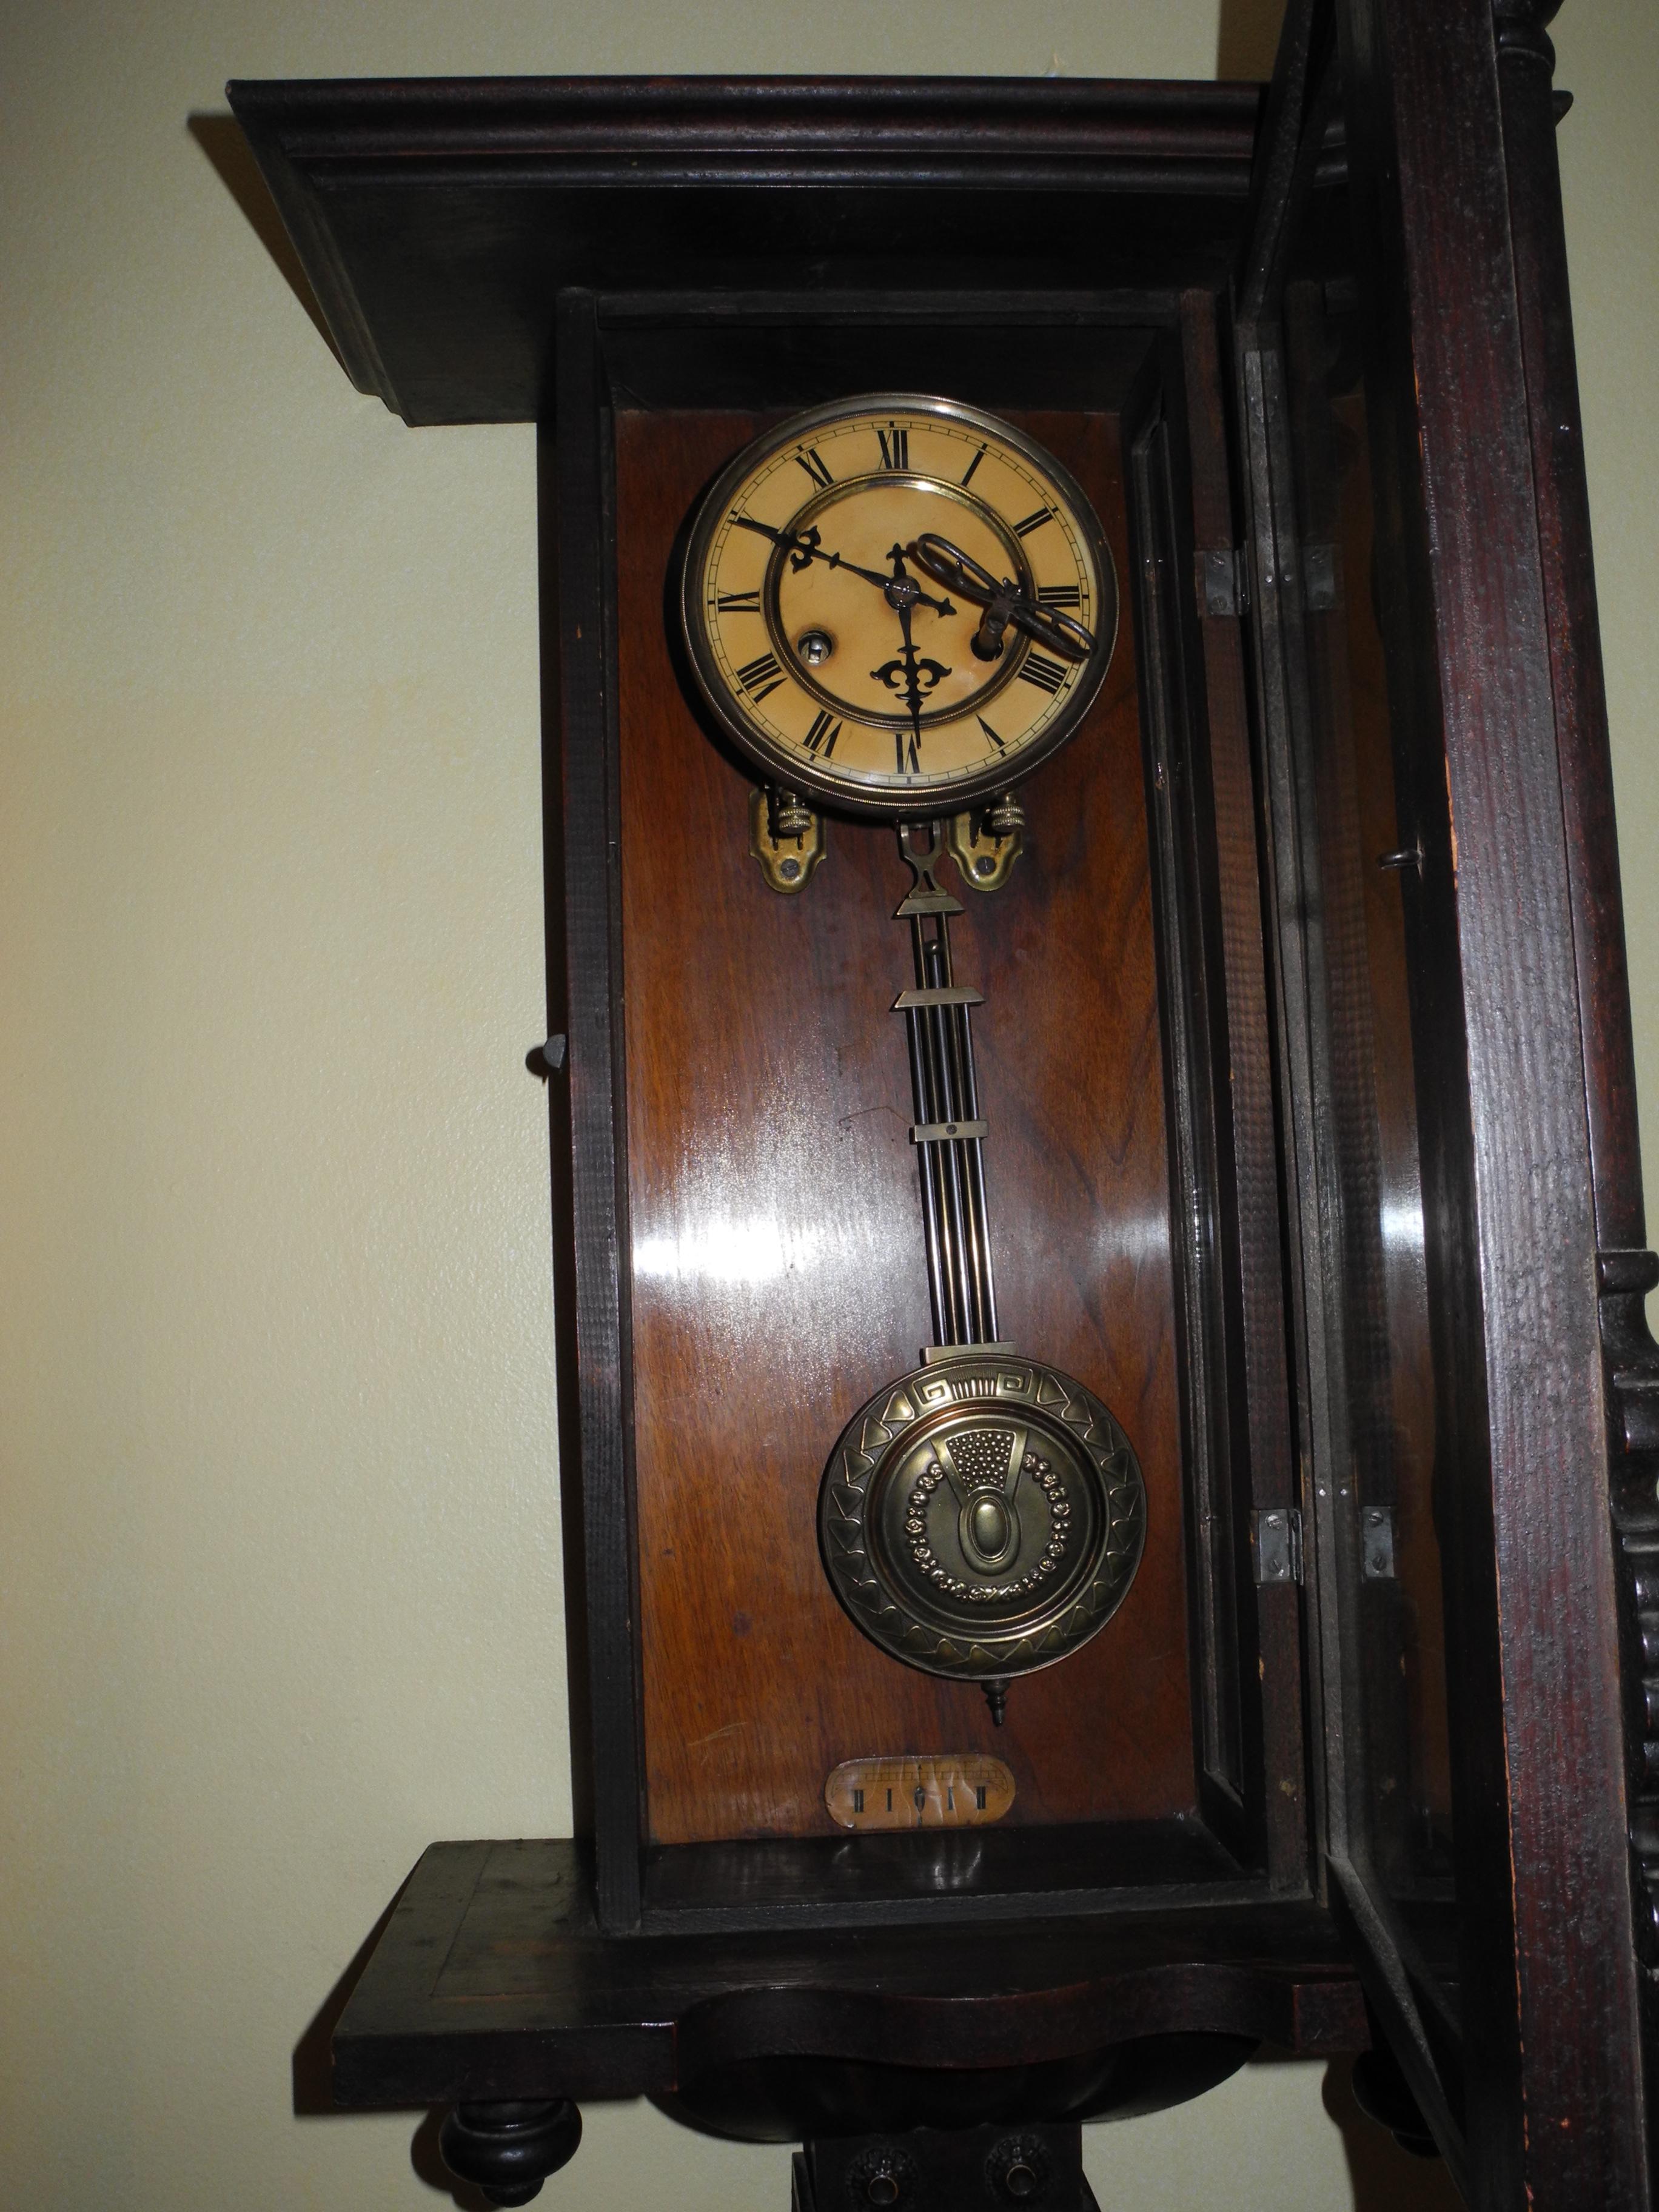 Reloj aleman de la famosa casa junghans antiguo venta online de antiguedades - Reloj de pared gigante ...